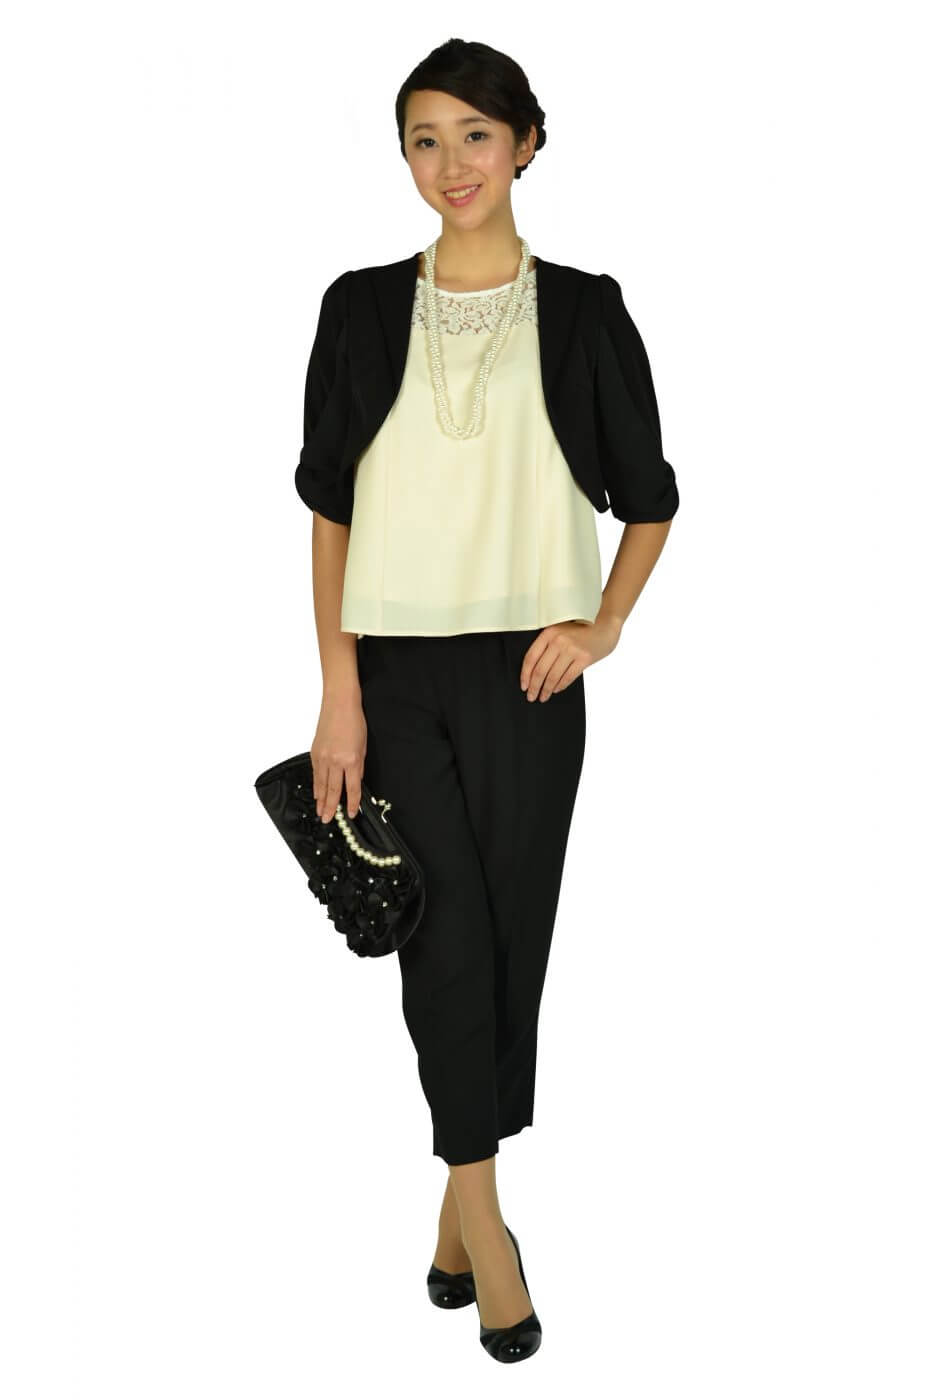 リプリート(REPLETE)フレア袖アイボリー×ブラックパンツドレス